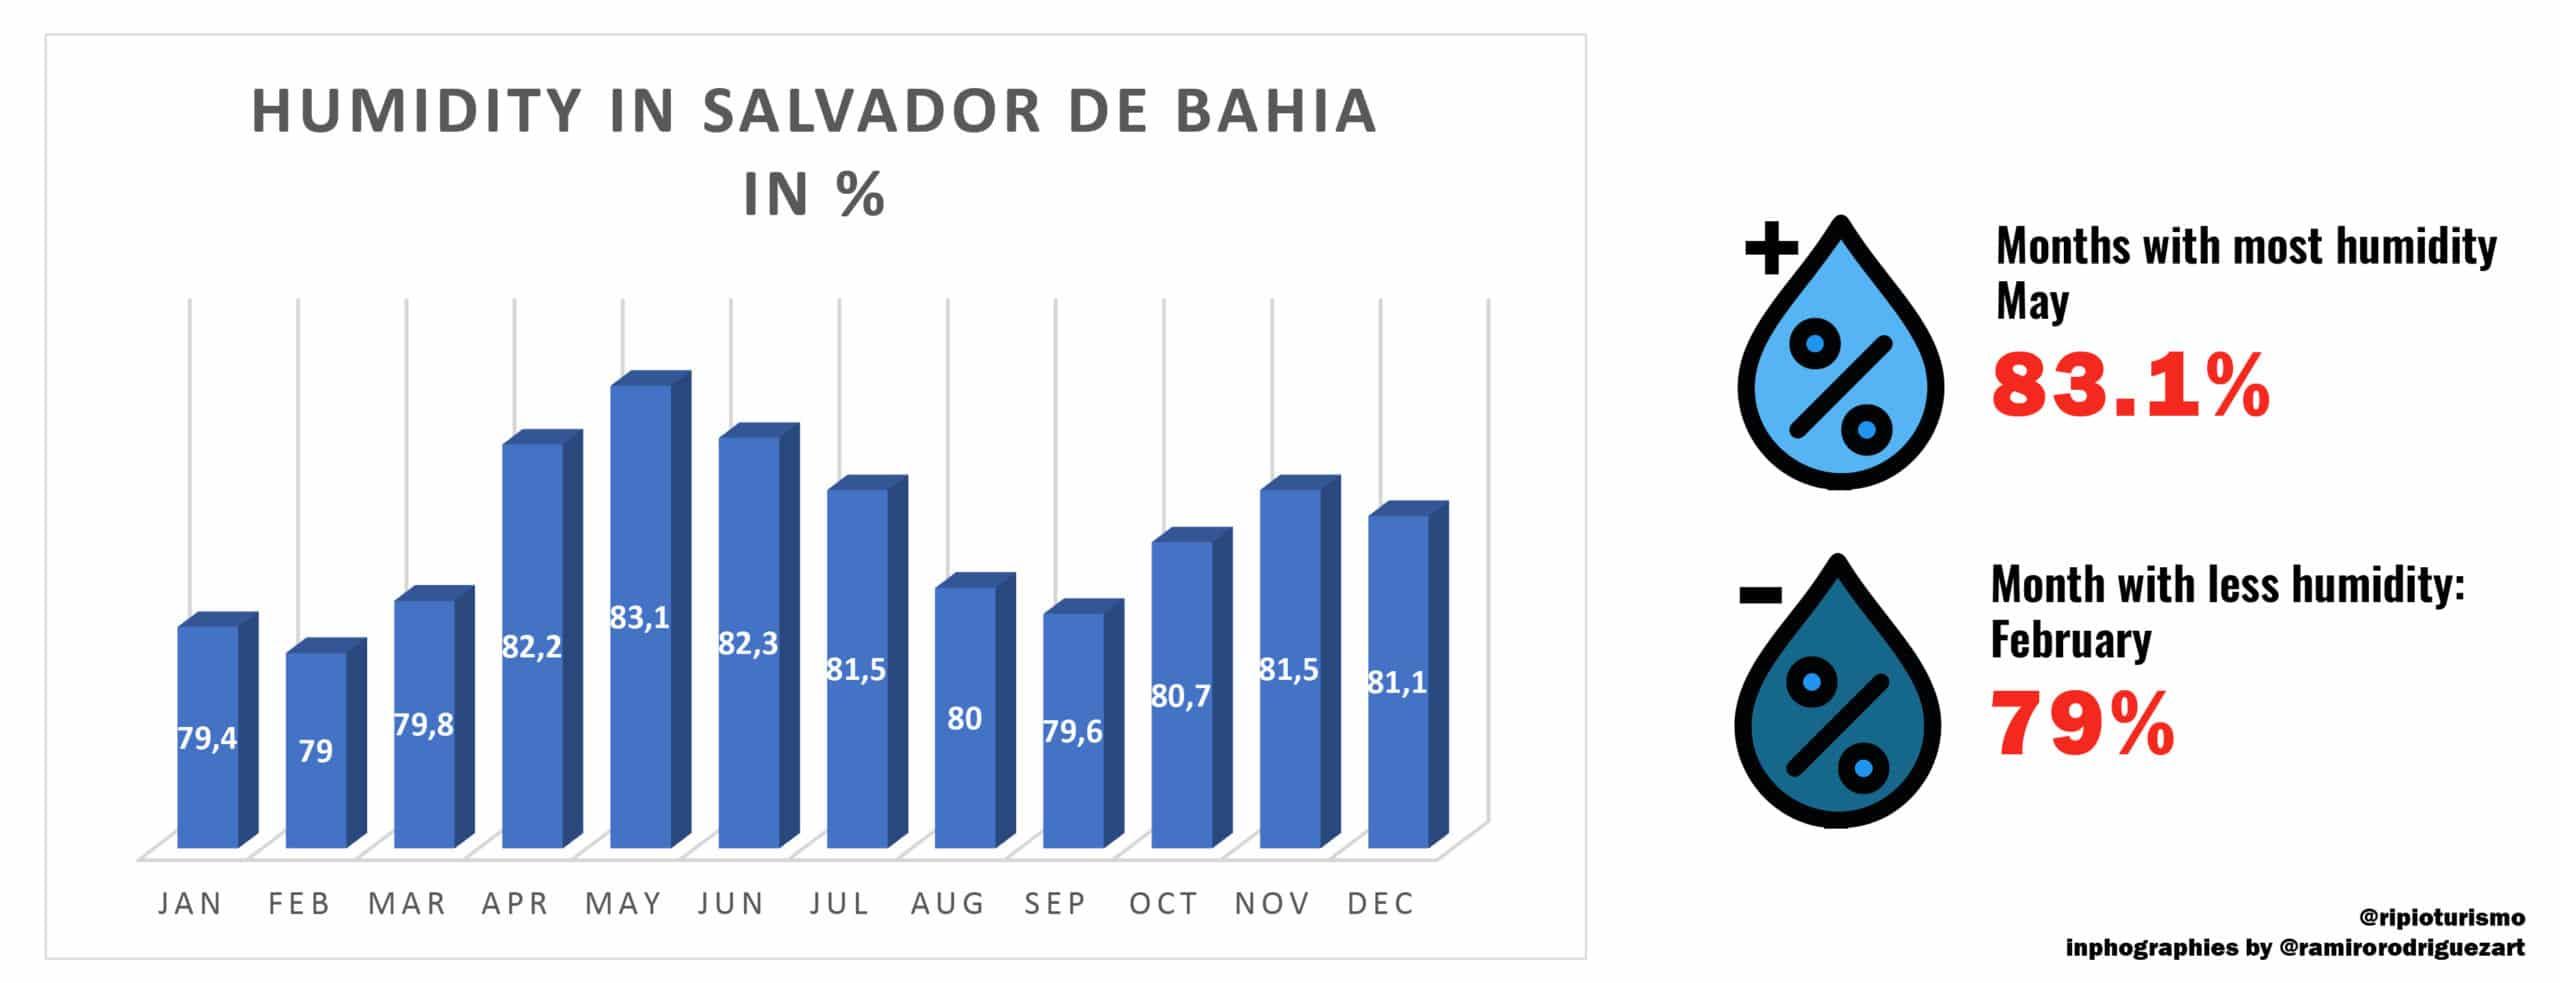 Humidity in Salvador de Bahia, Brazil - RipioTurismo DMC for Brazil